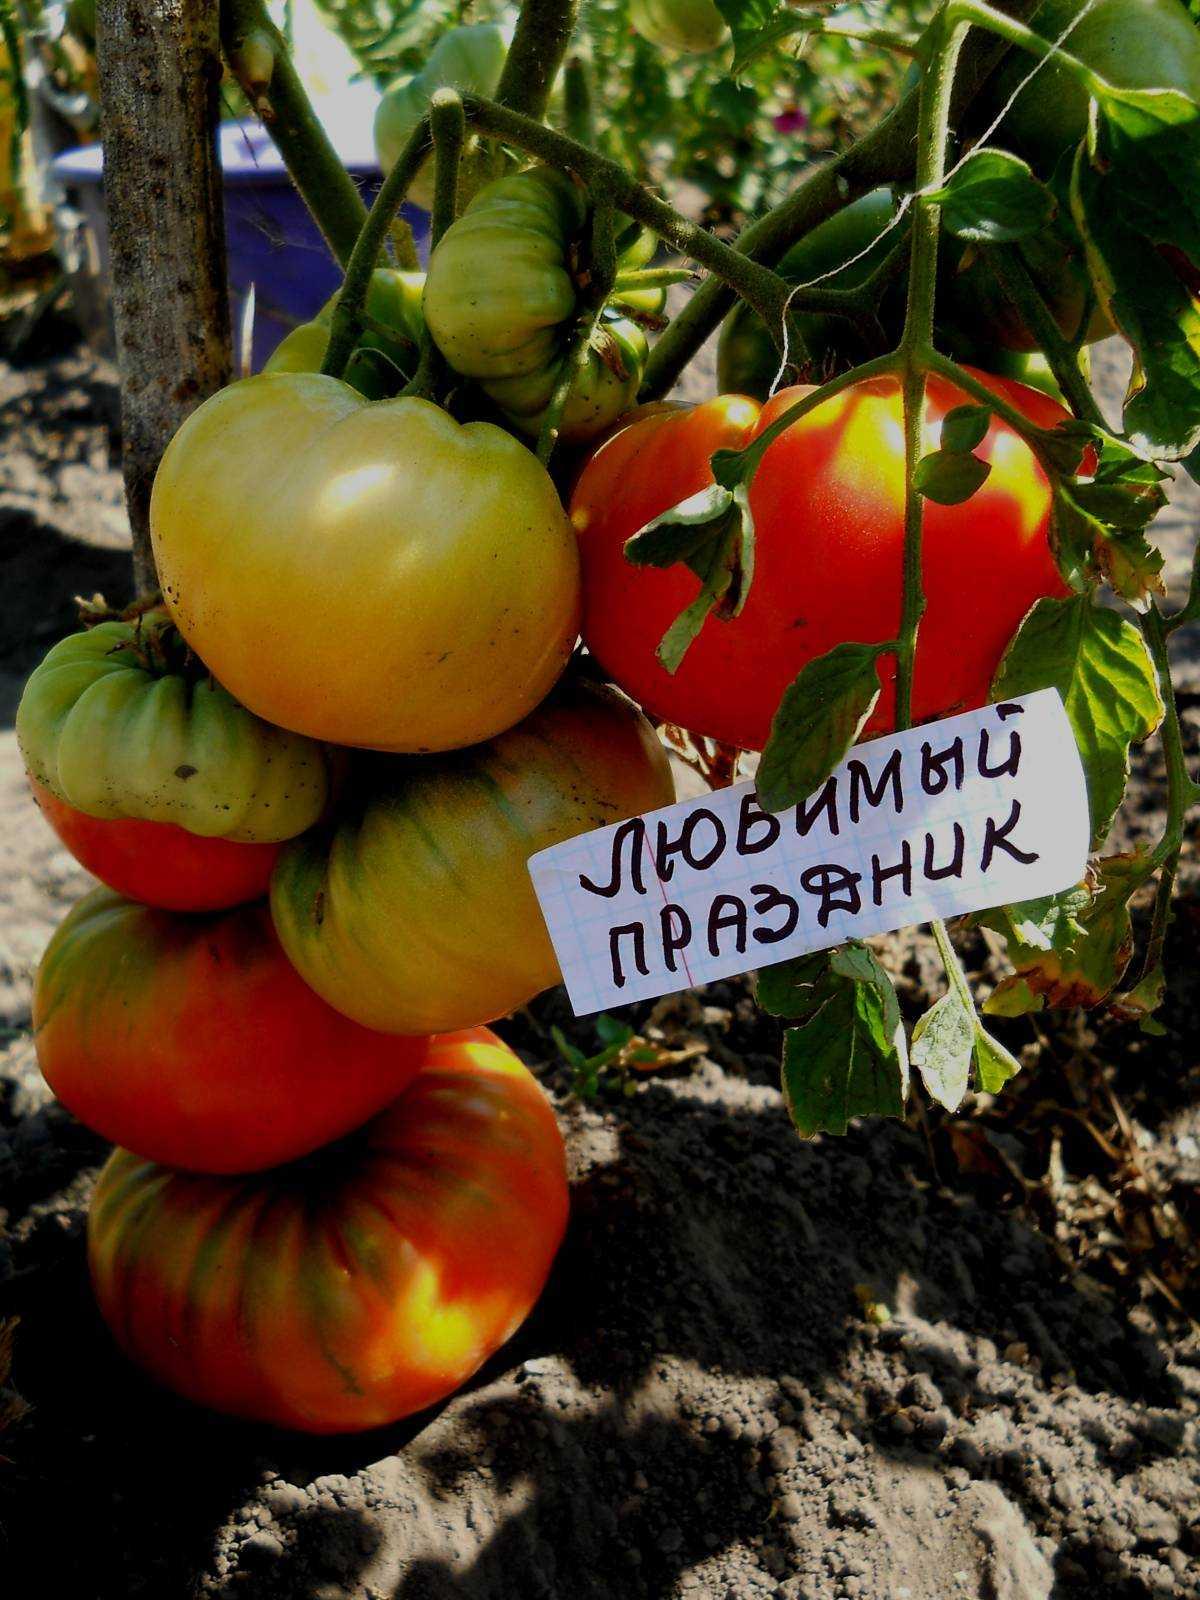 того как томат любимый праздник отзывы и фото приличную